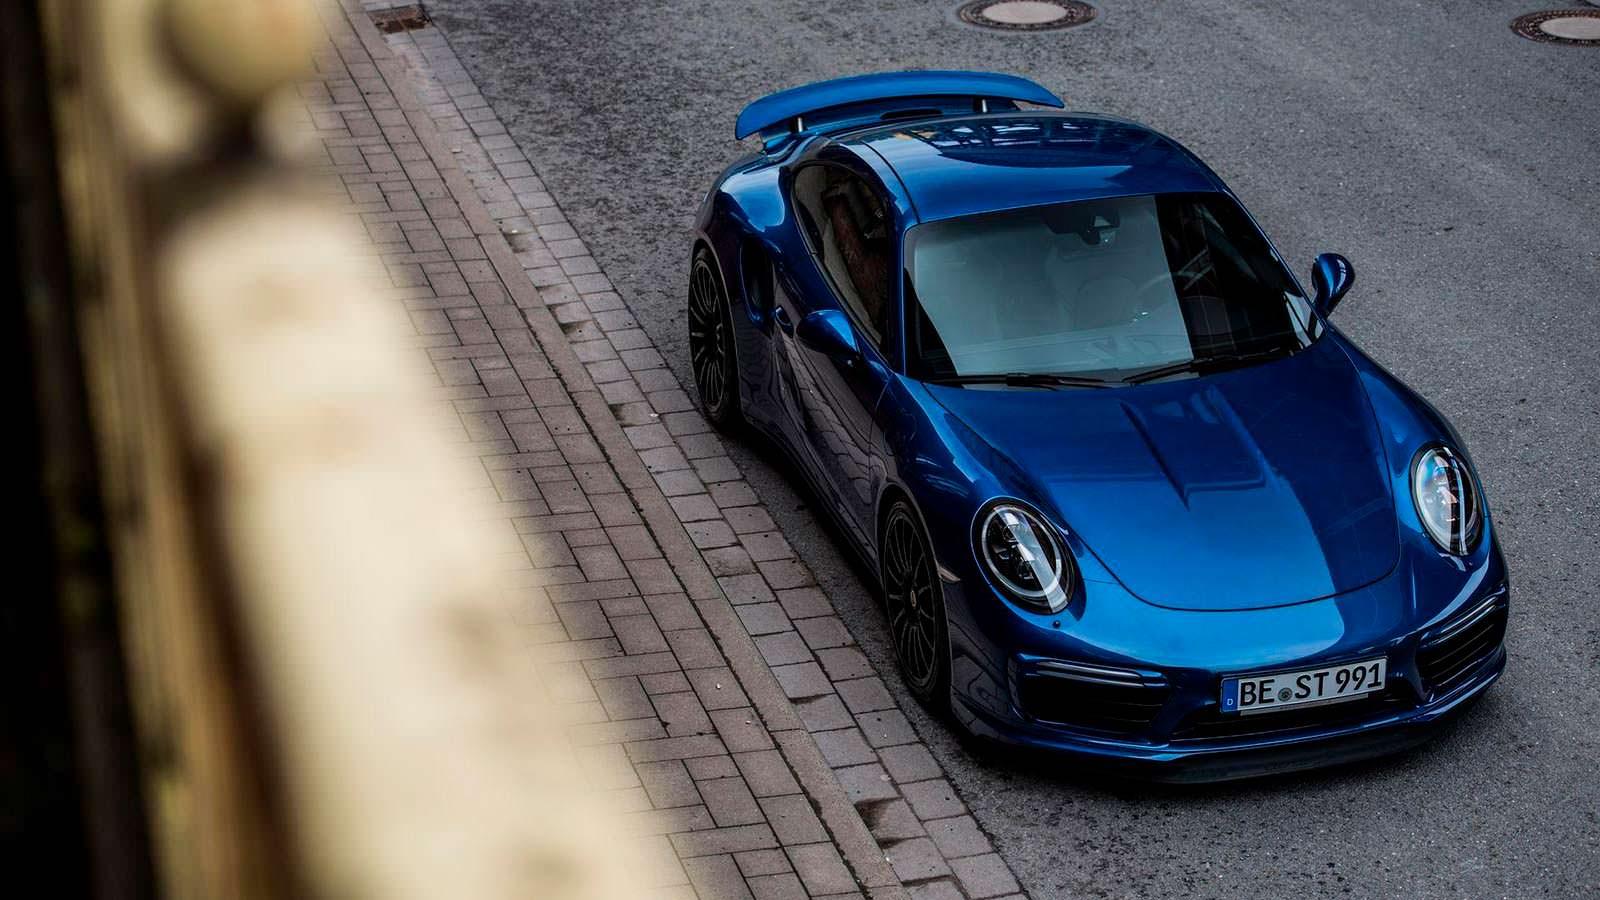 Тюнинг Porsche 911 Turbo S Exclusive Blue Arrow от Edo